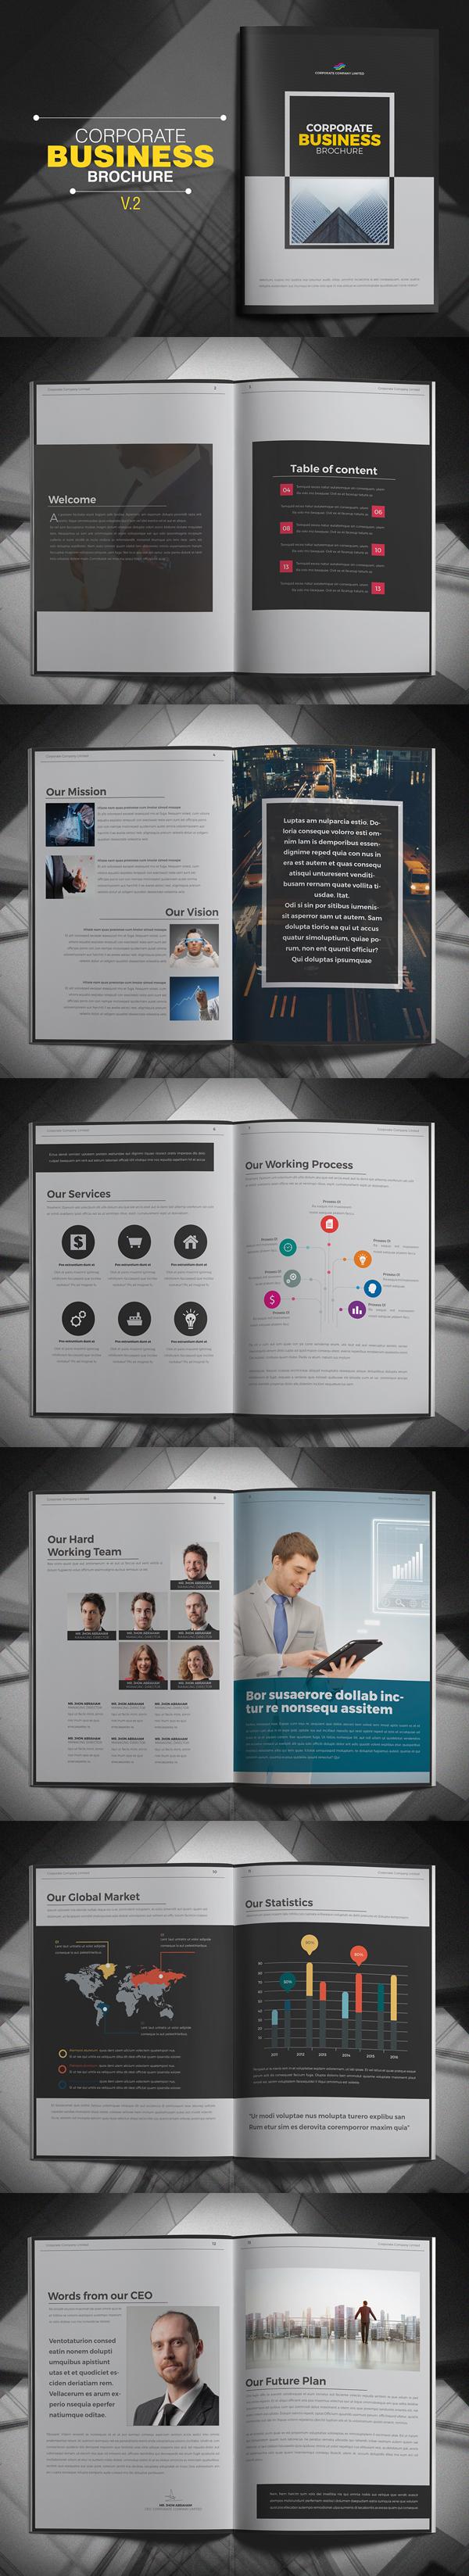 上海画册设计公司创意画册-公司业务宣传册设计模板